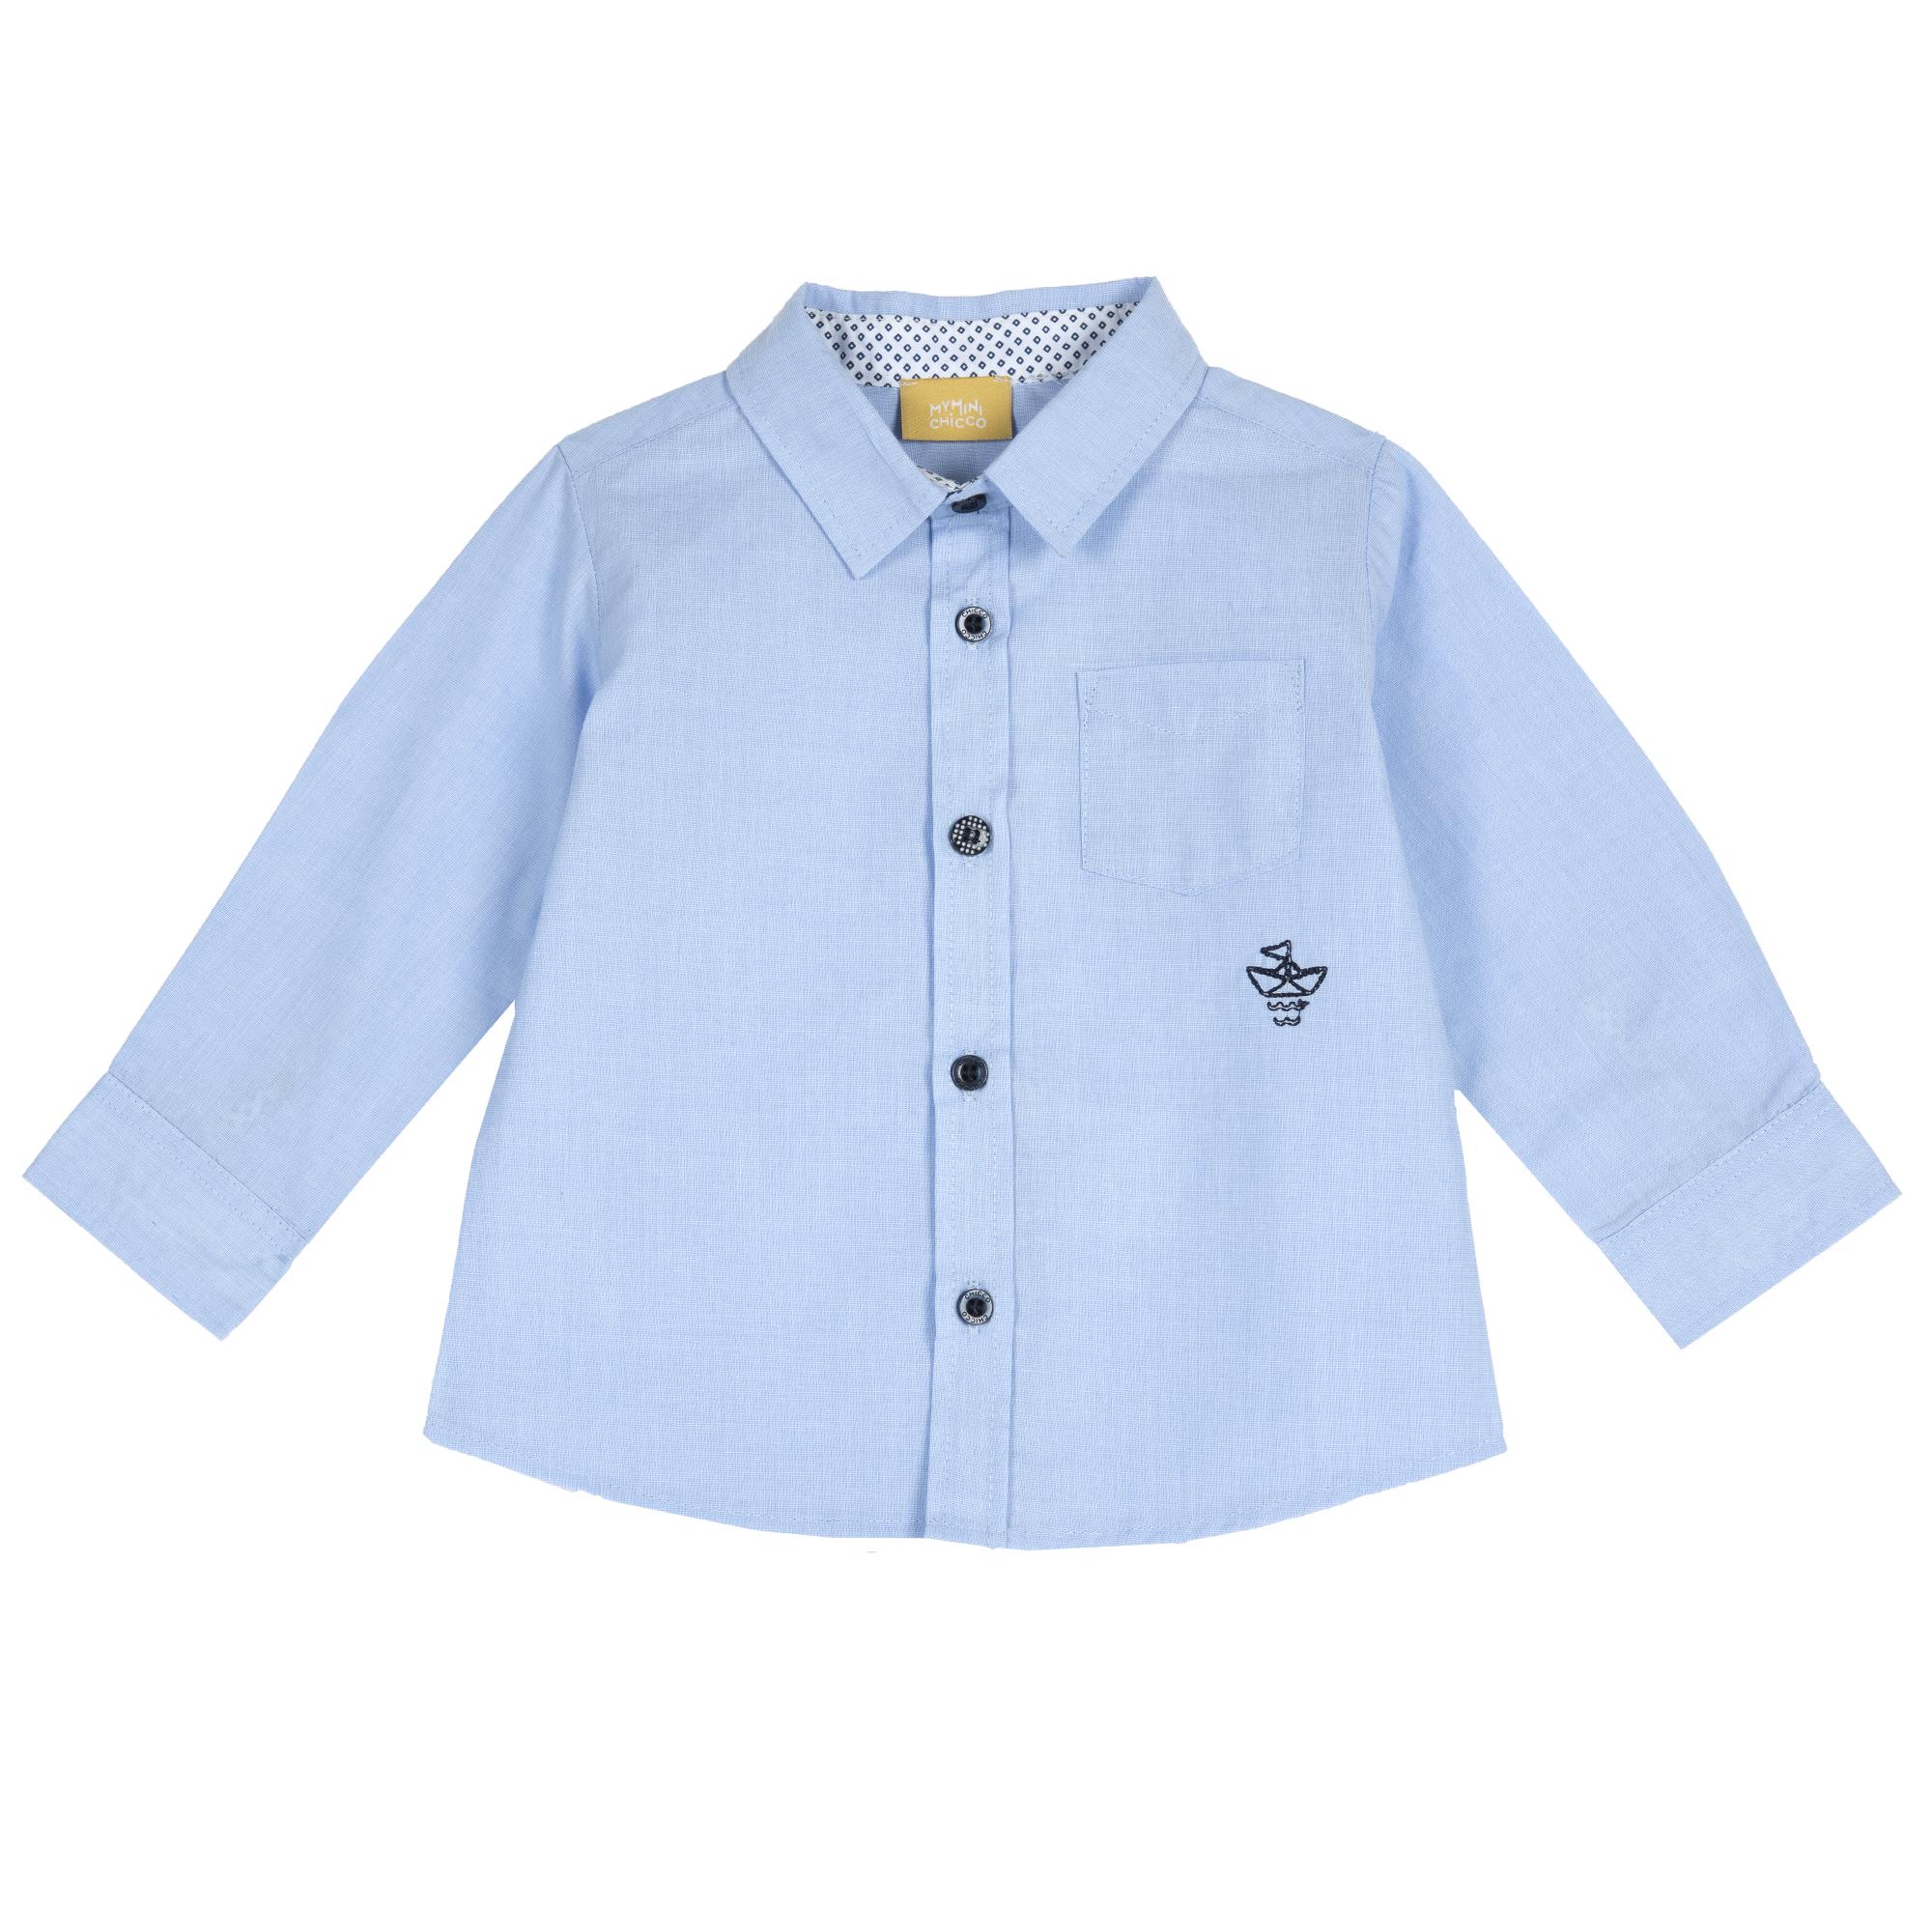 Camasa Copii Chicco, Maneca Lunga, Albastru Cu Roz, 54524 imagine